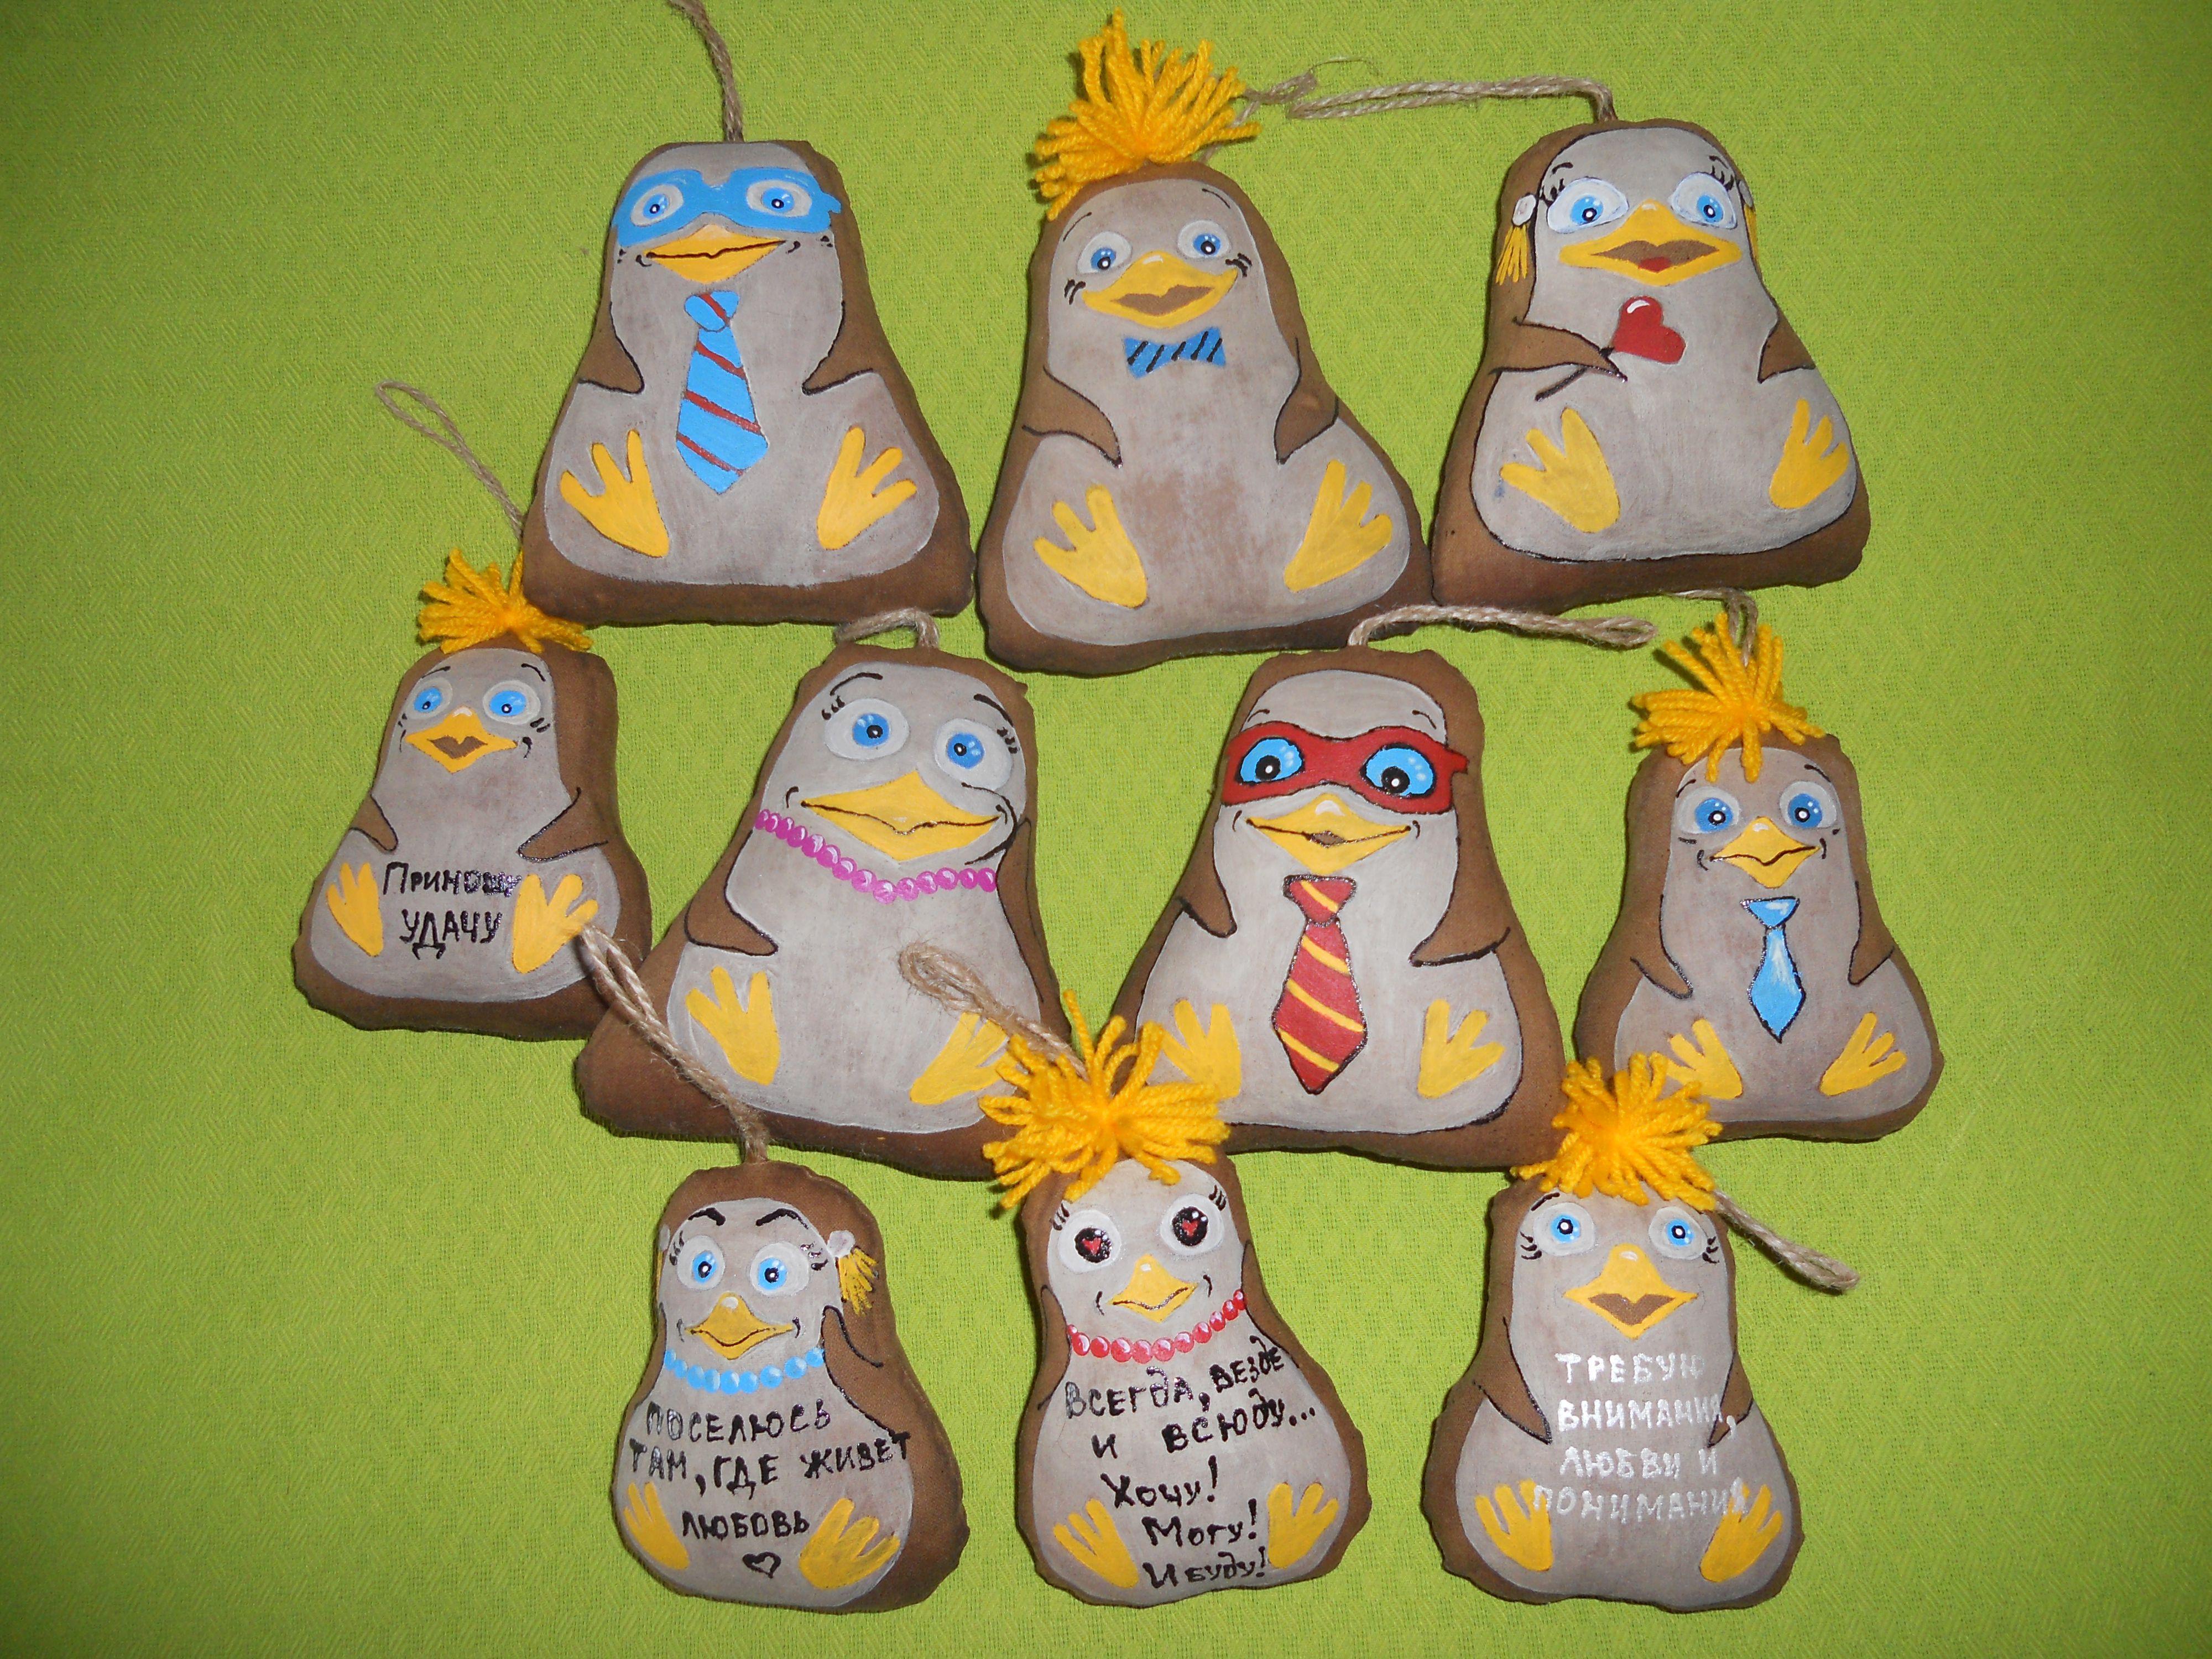 зверушки игрушки кофейные пингвин